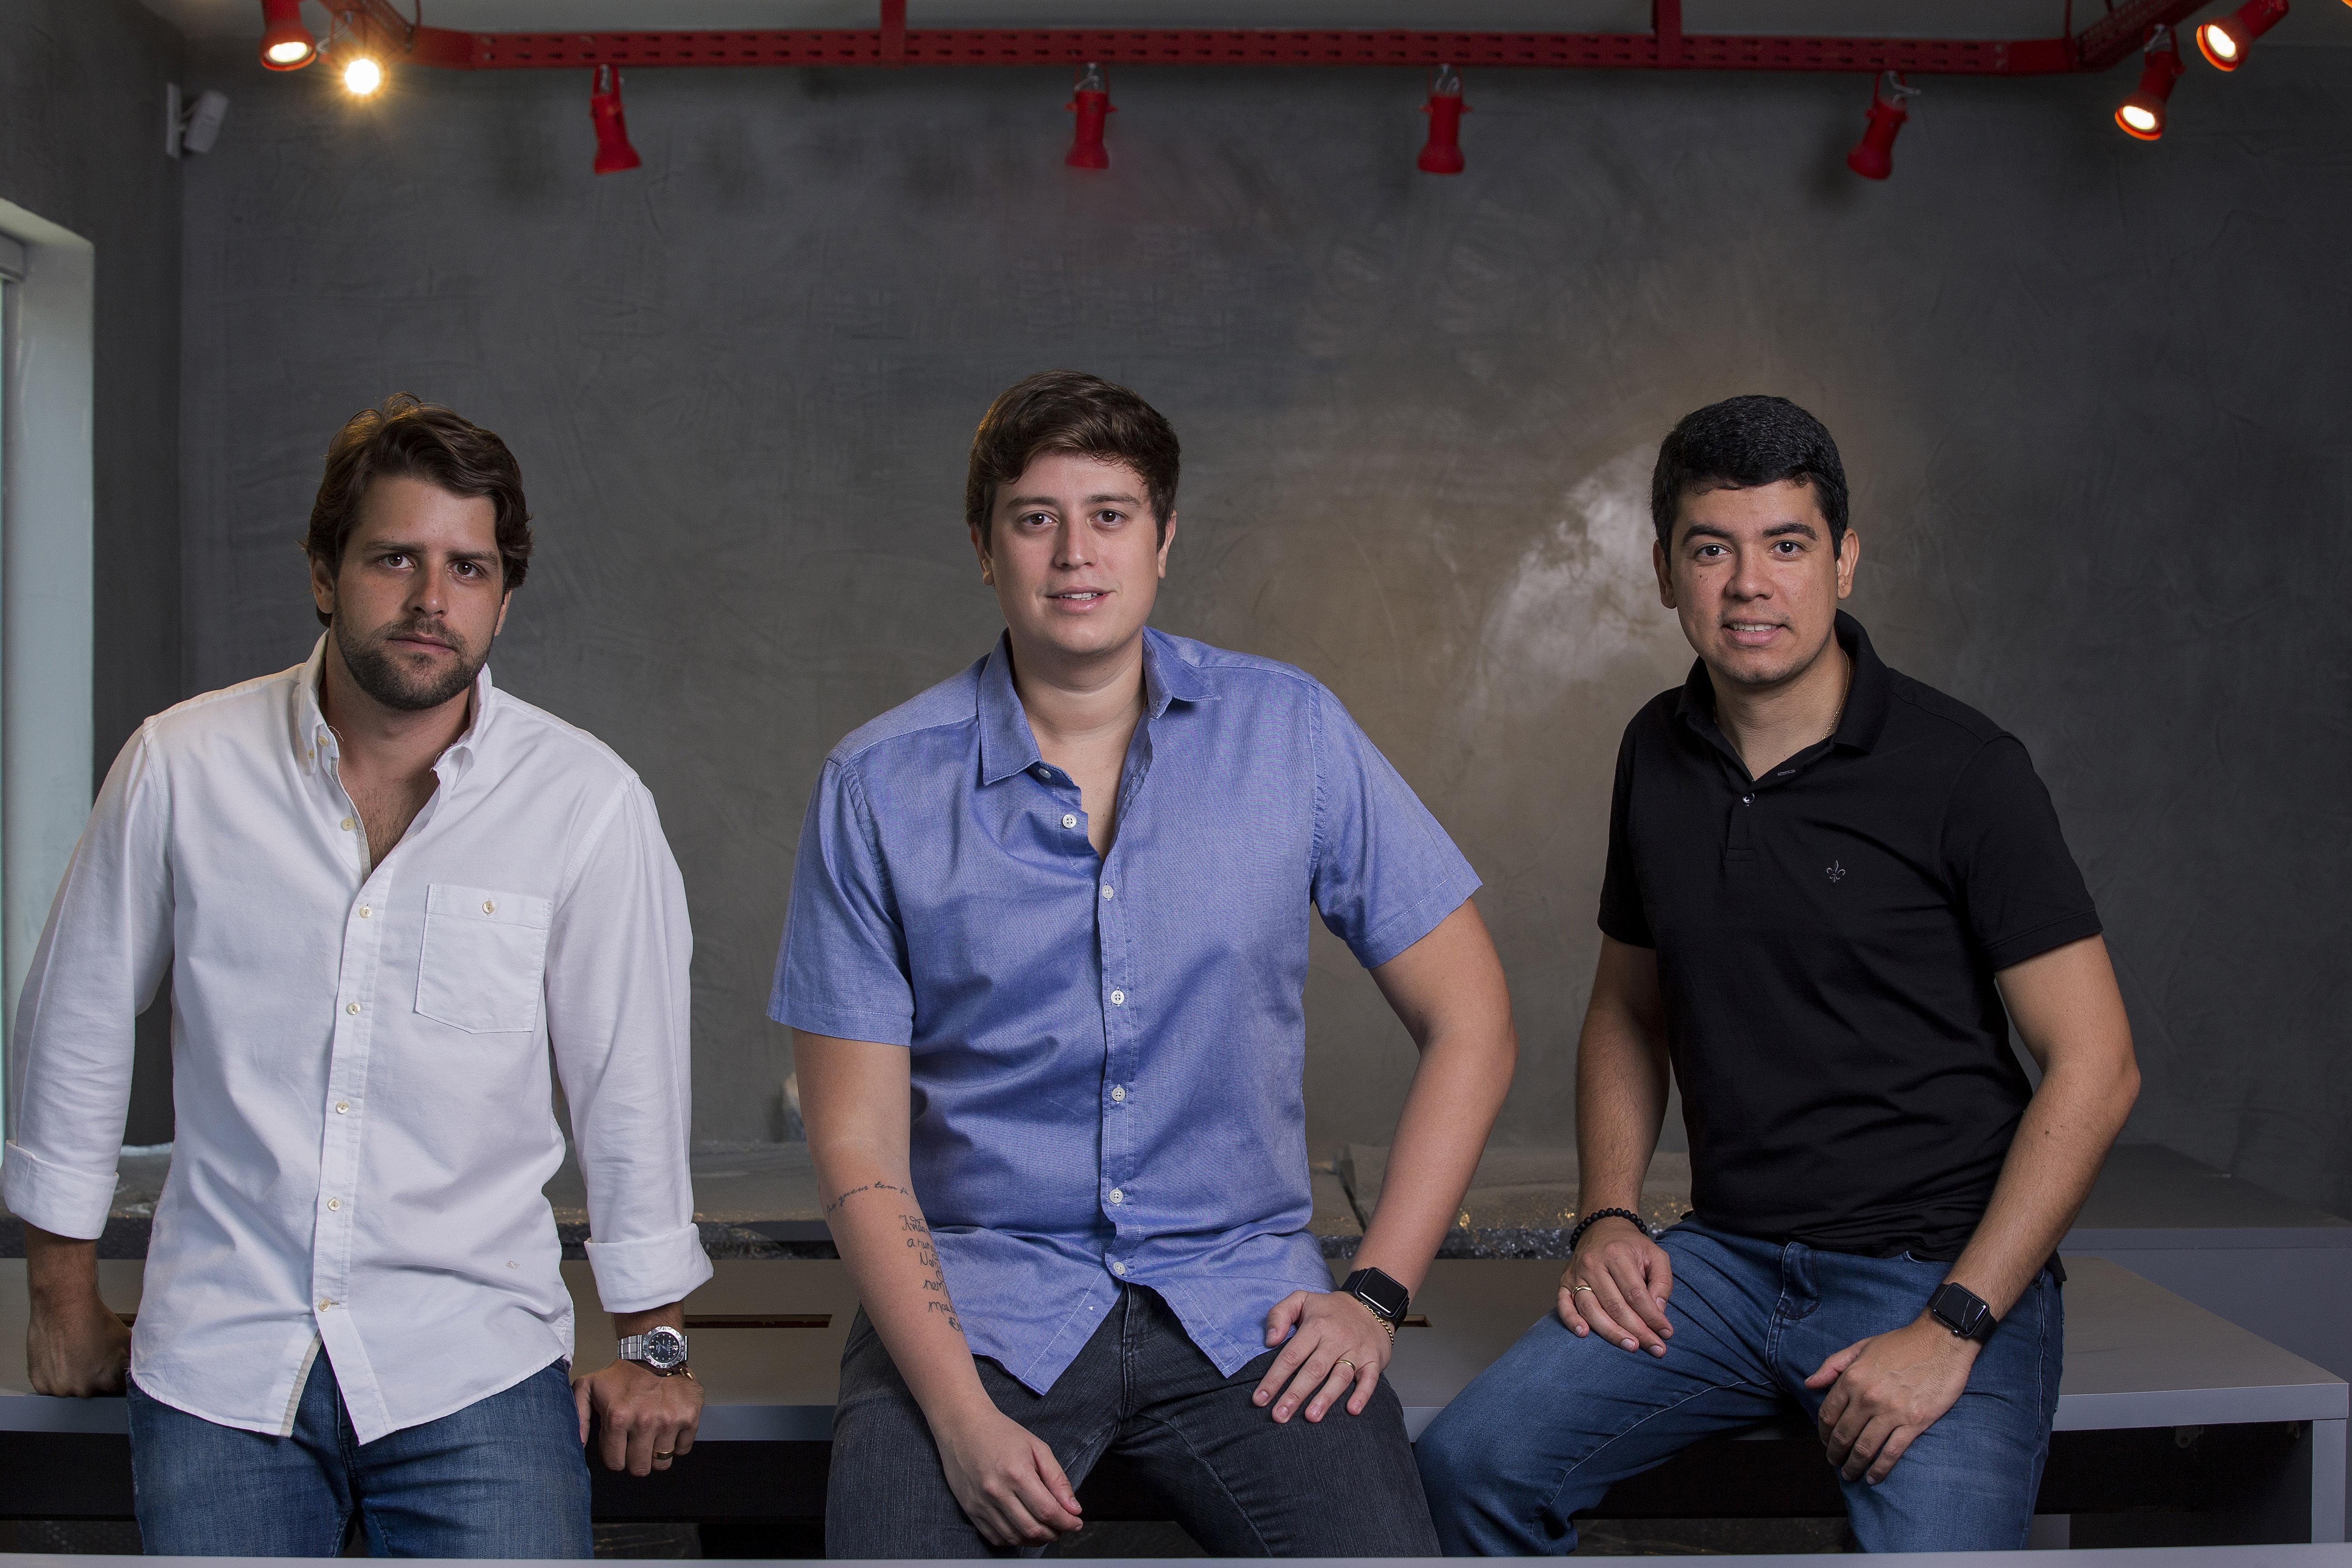 Sócios Marcos Freire, Newton Neto e Diego Gama já pensam em expandir os negócios. Crédito: Sol Pulquério/Divulgação.